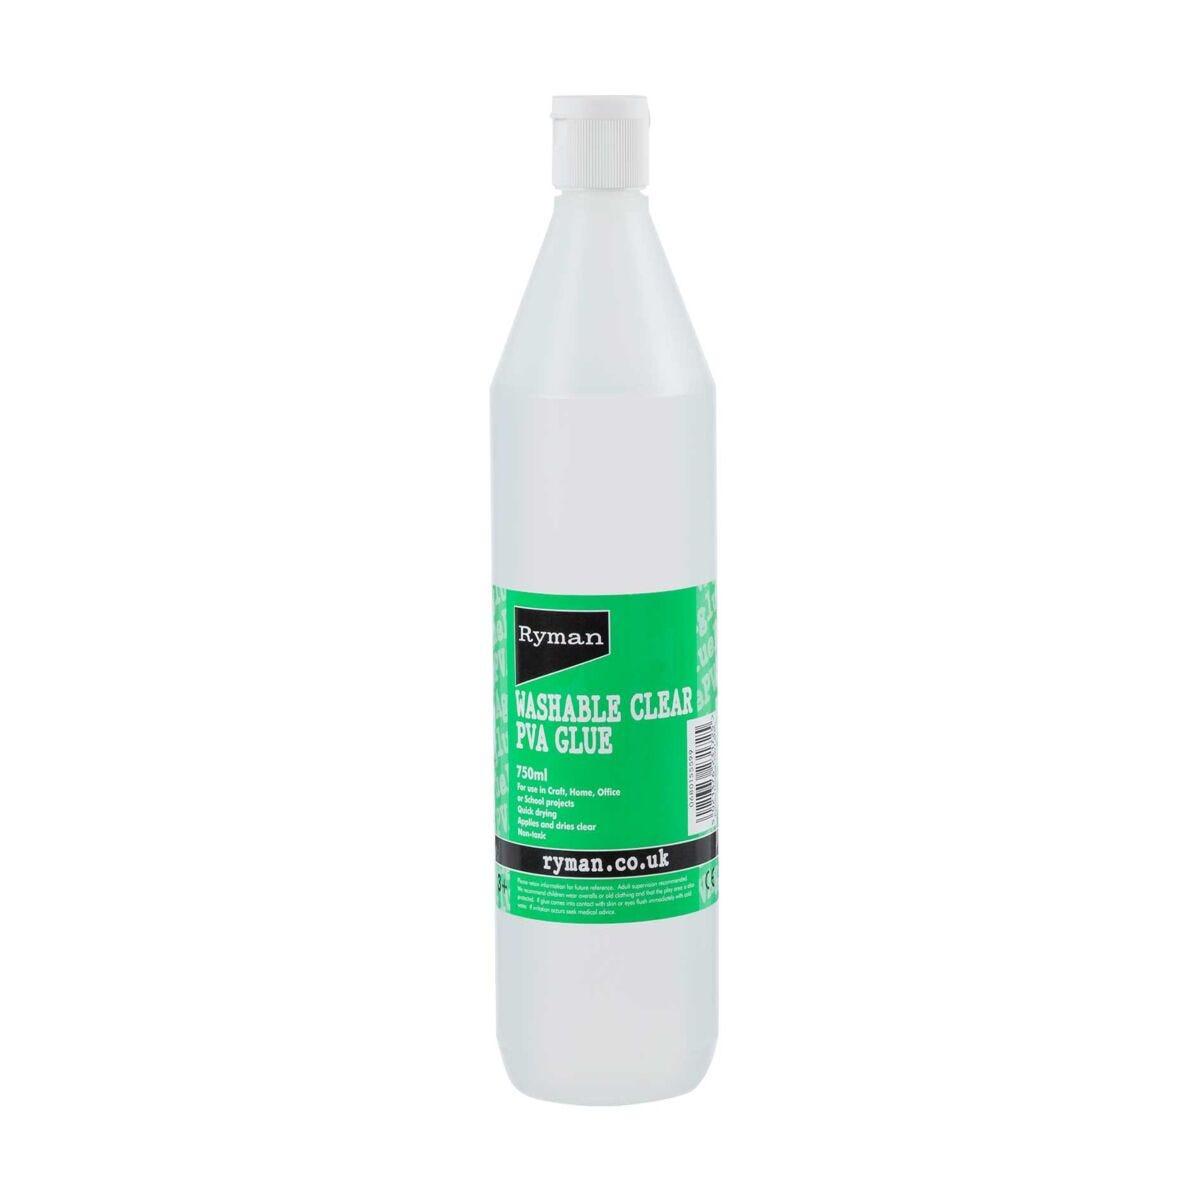 Ryman Clear PVA Glue 750ml